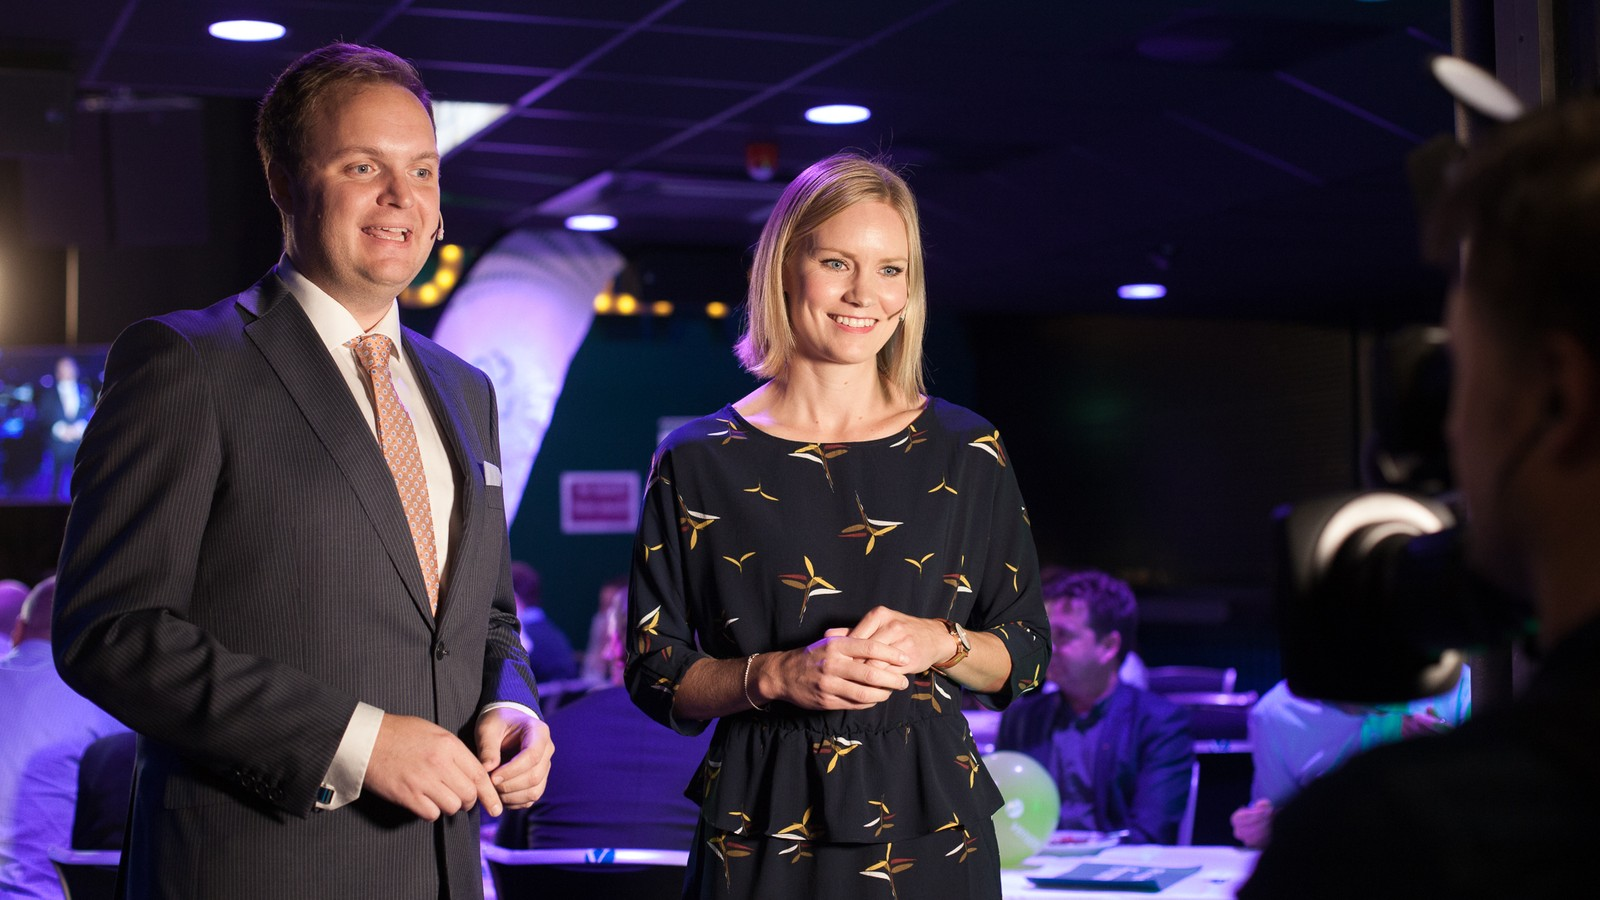 NRK si direktesending på nett-TV og radio er leia av programleiarane Erlend Blaalid Oldeide og Silje Guddal.